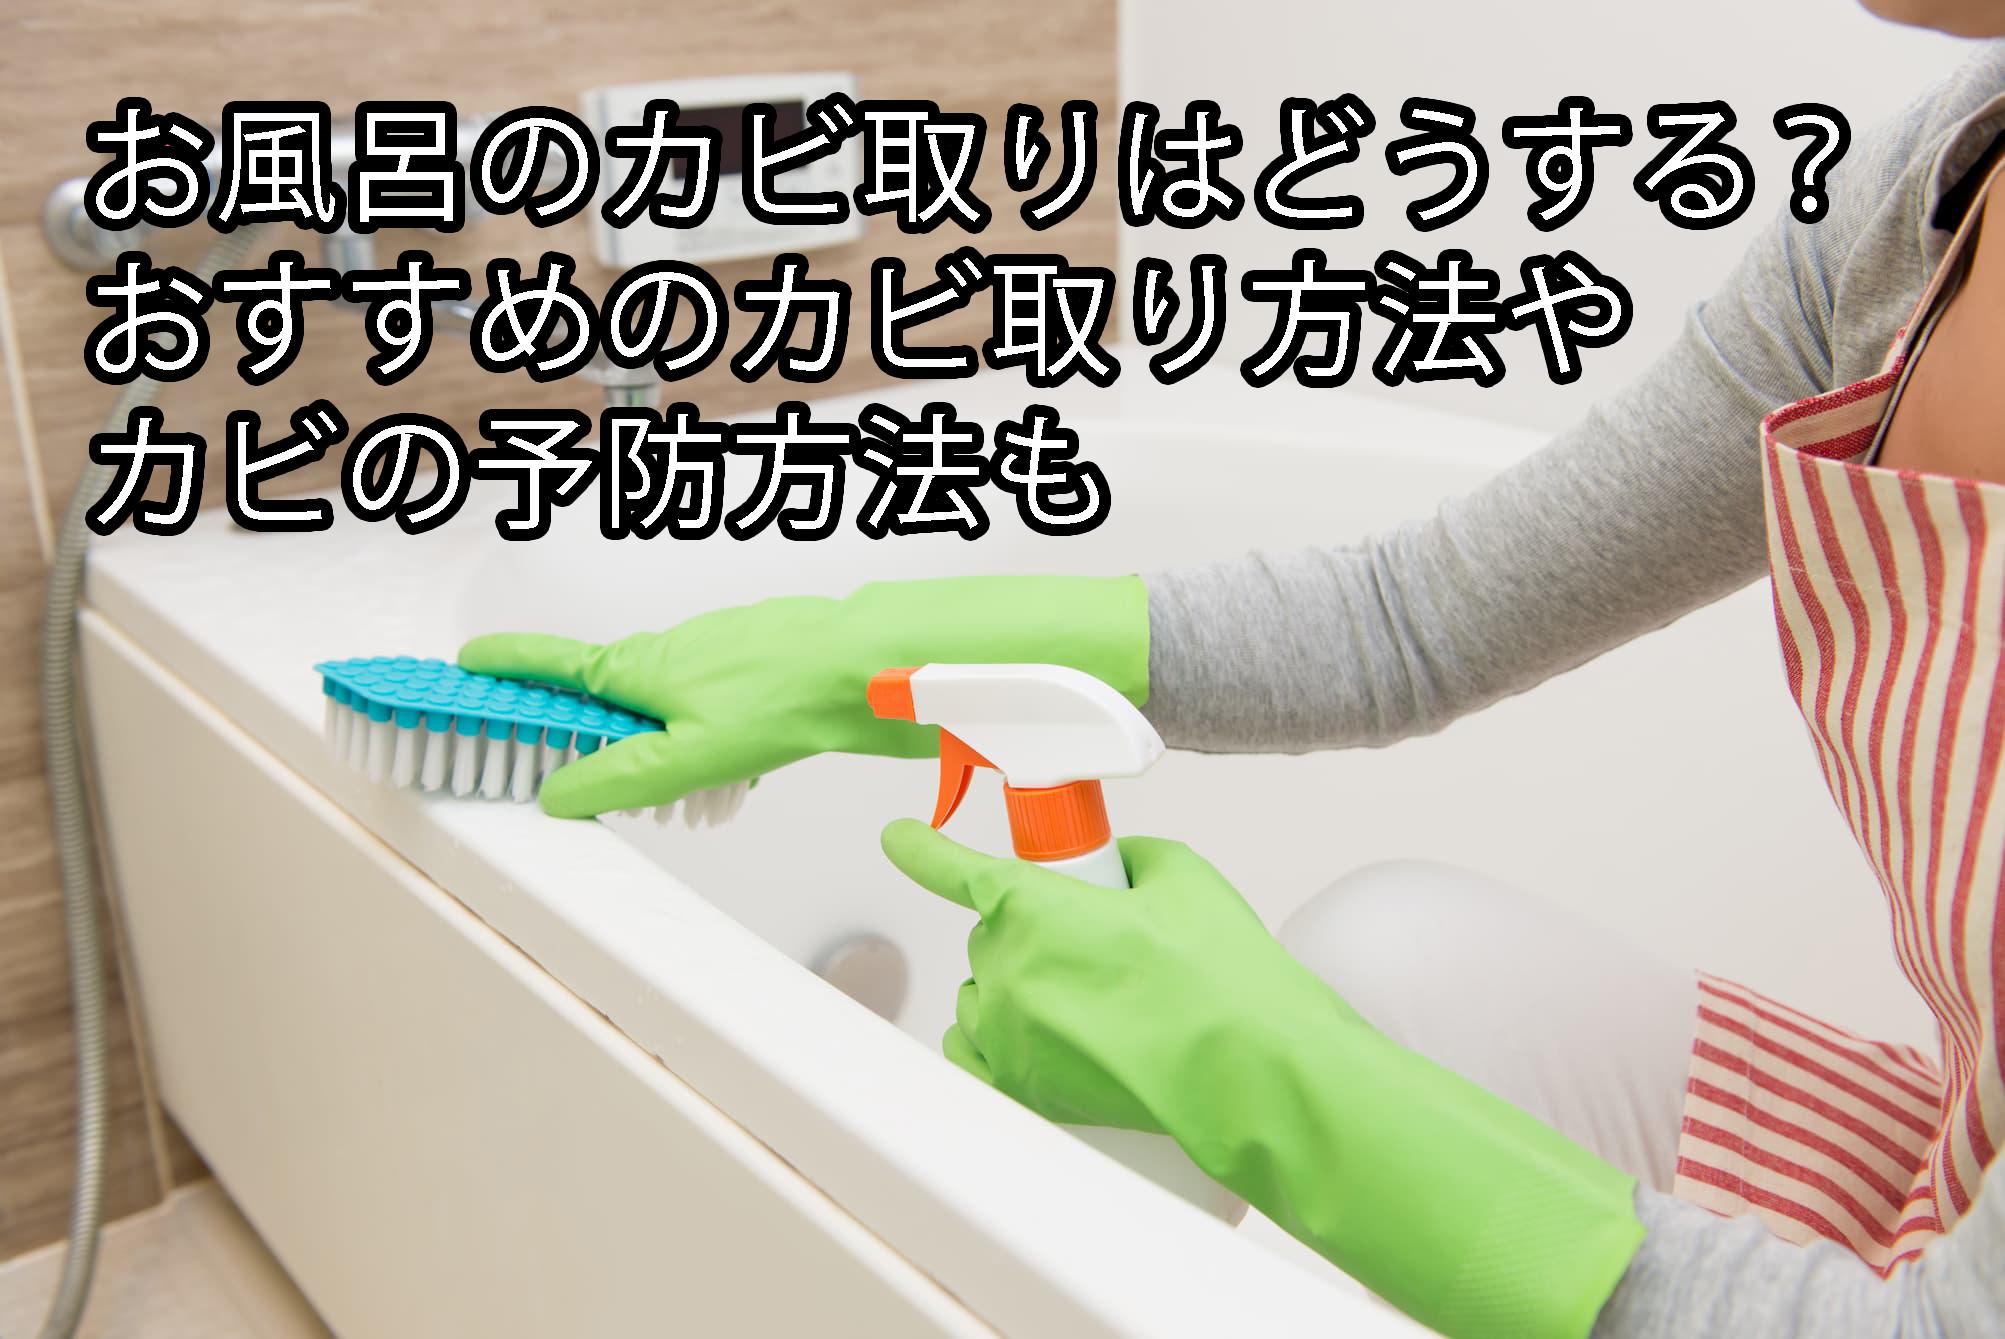 お風呂のカビ取りはどうする?おすすめのカビ取り方法やカビの予防方法も